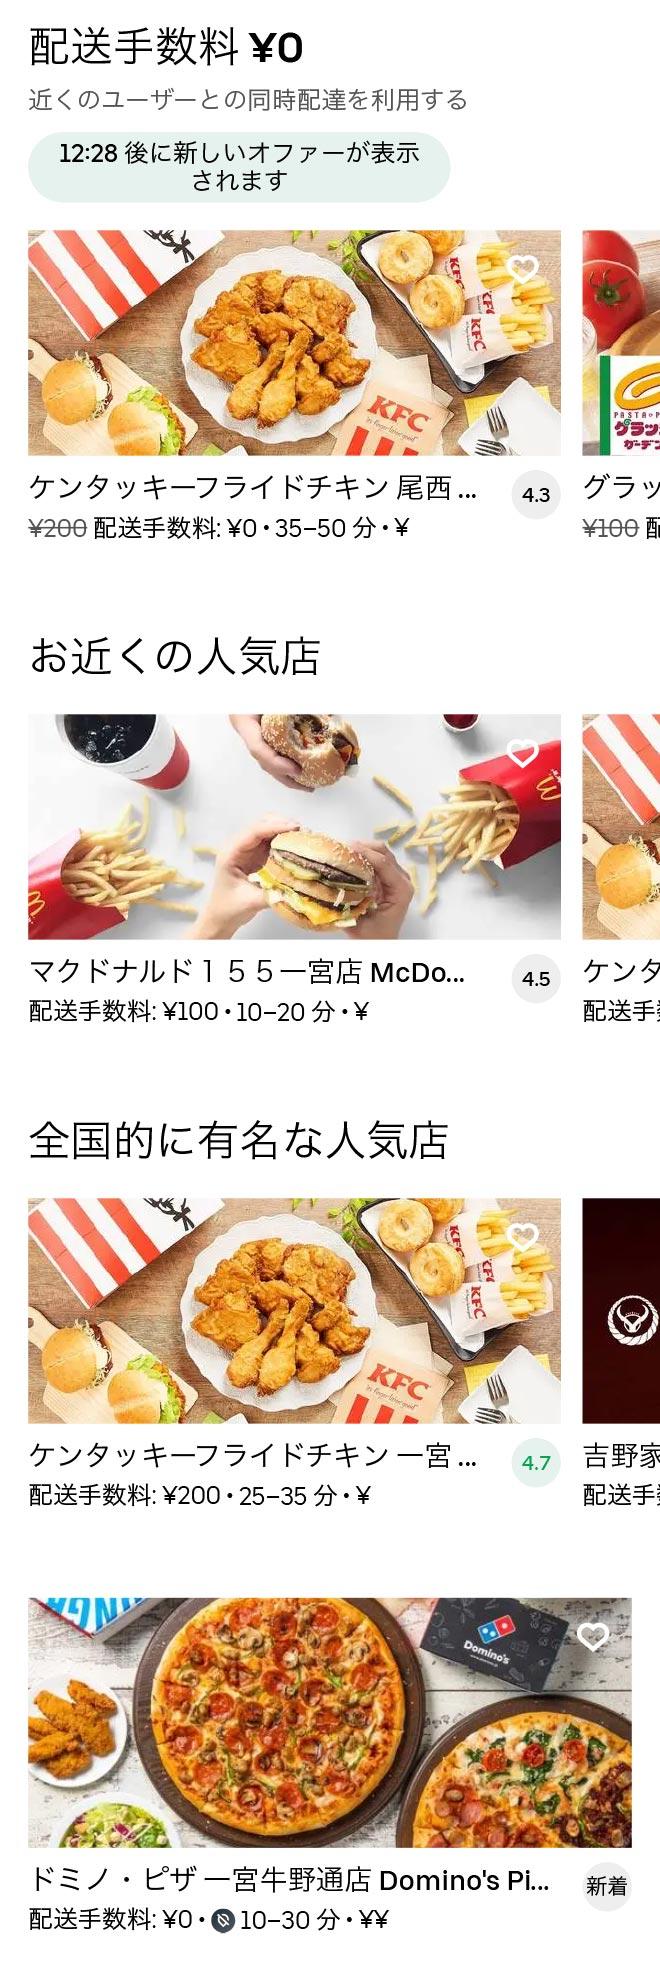 Ichinomiya menu 2010 01